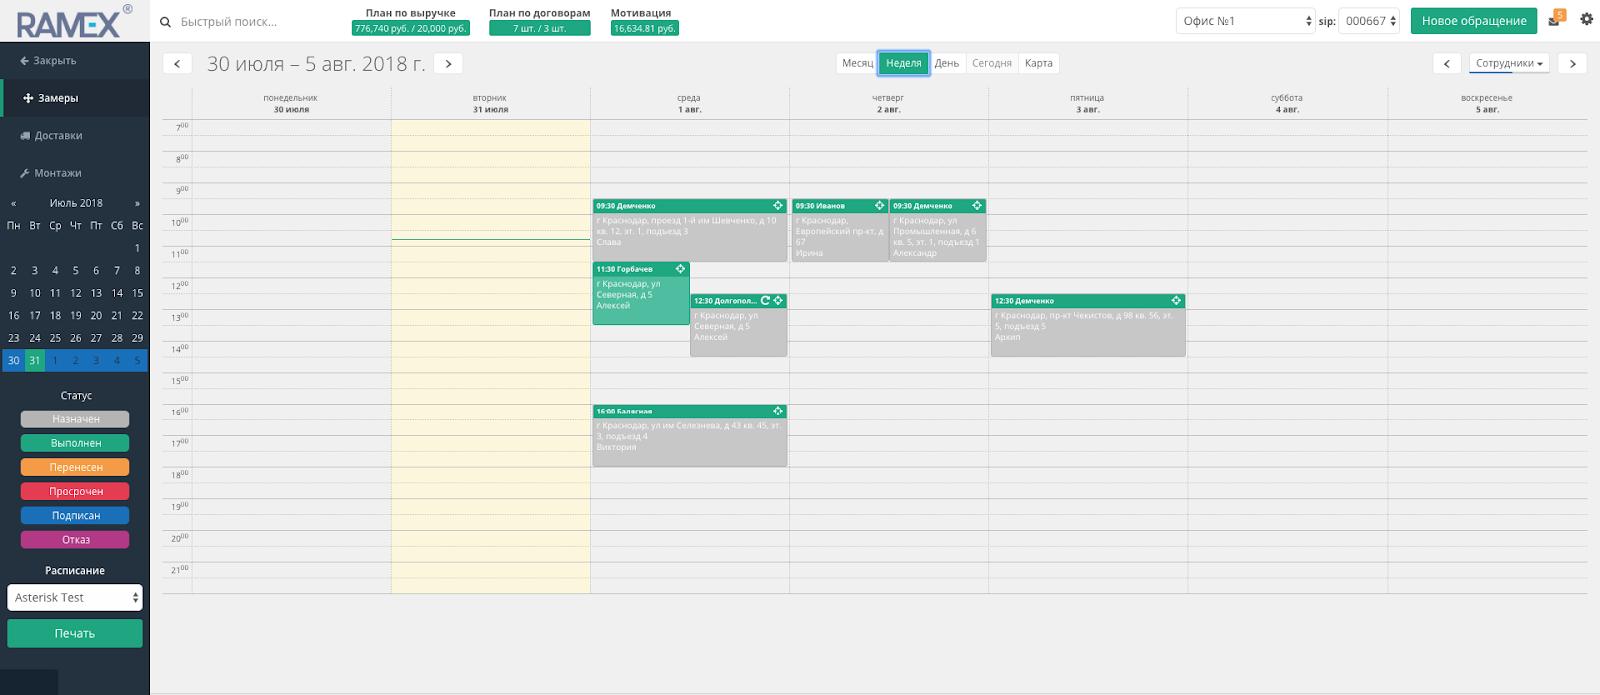 Ramex CRM обо всех фишках работы календарей: планирование и контроль выездных сотрудников